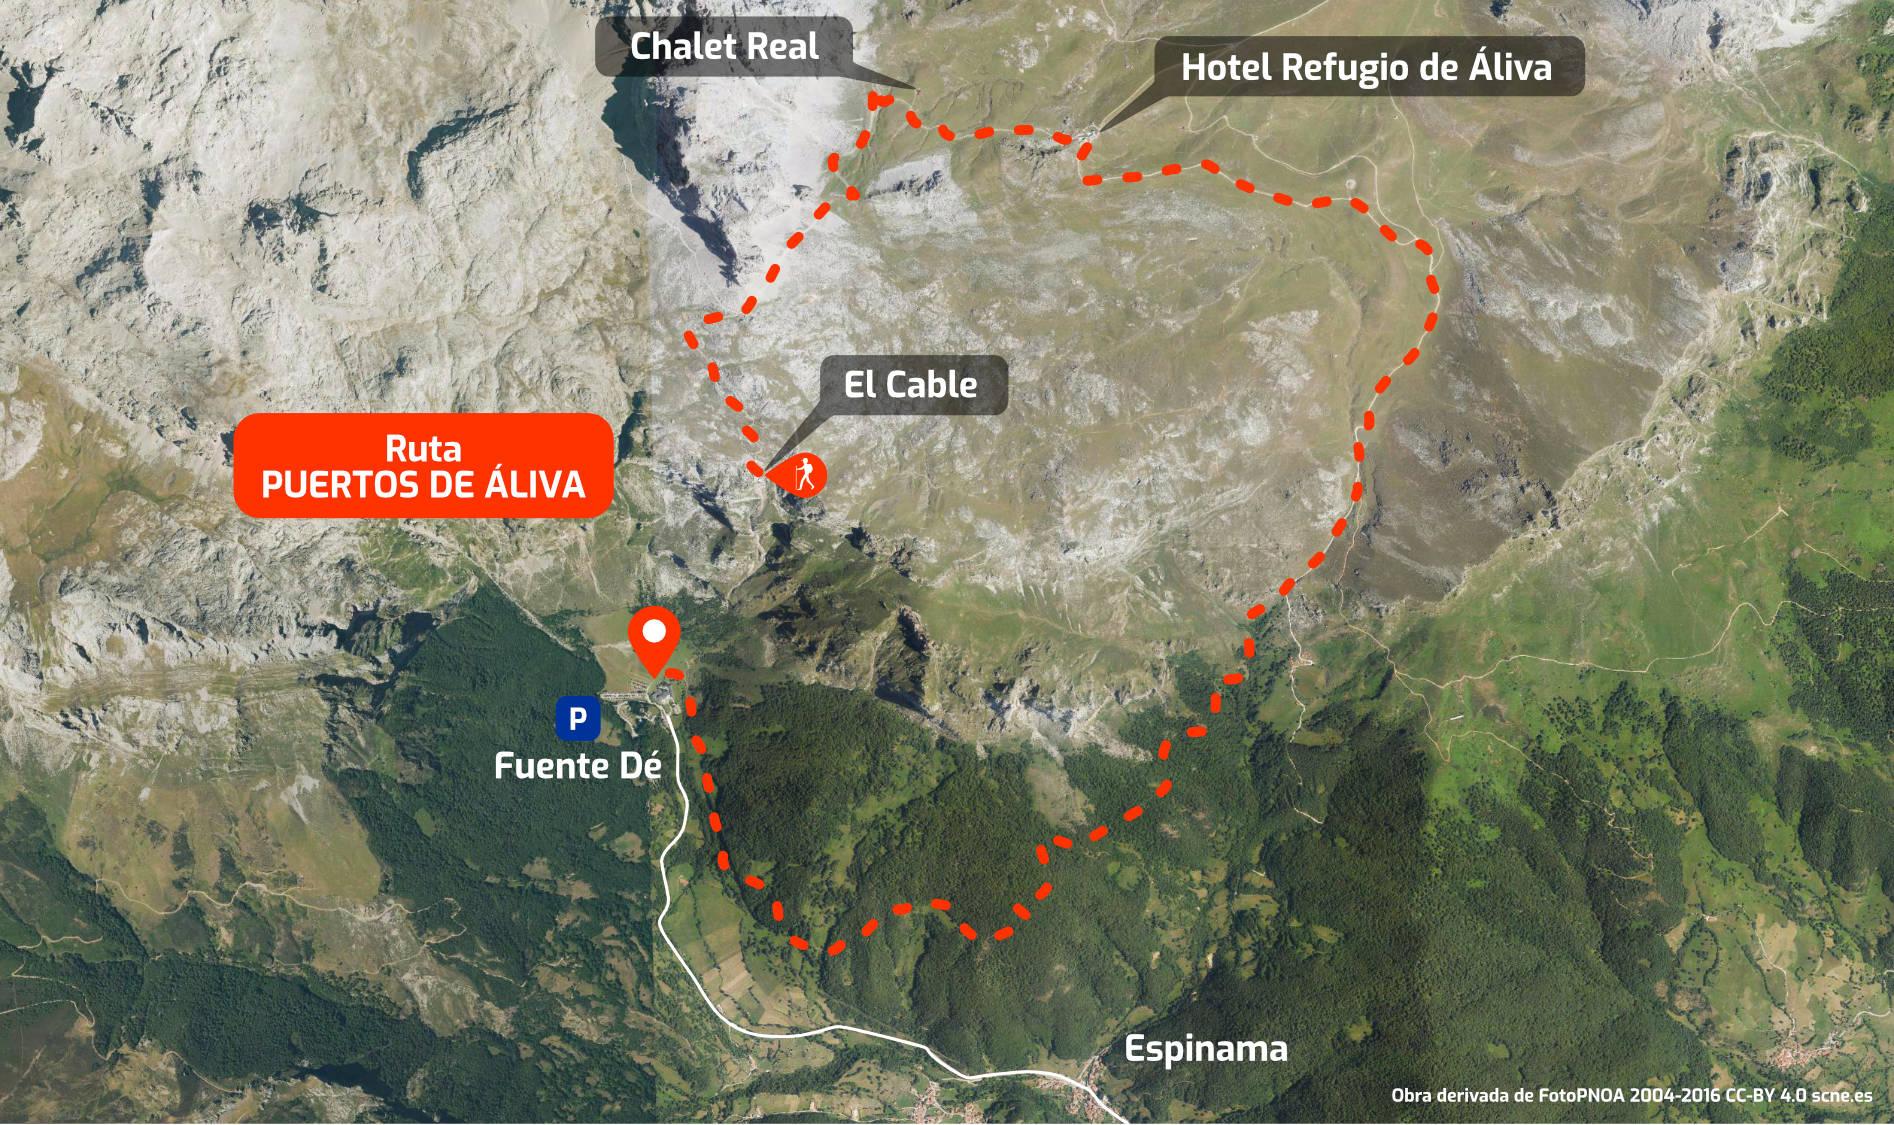 Mapa del recorrido de la ruta de Fuente Dé por los Puertos de Áliva en Picos de Europa